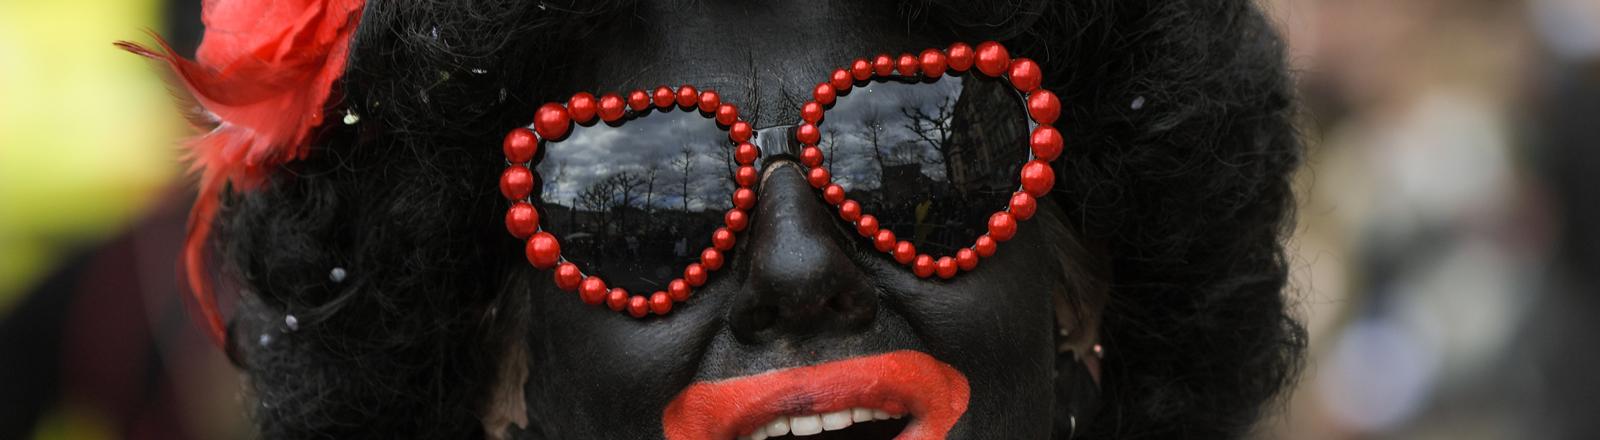 Schwarz geschminkte Frau mit roten Lippen und Herzchensonnenbrille.